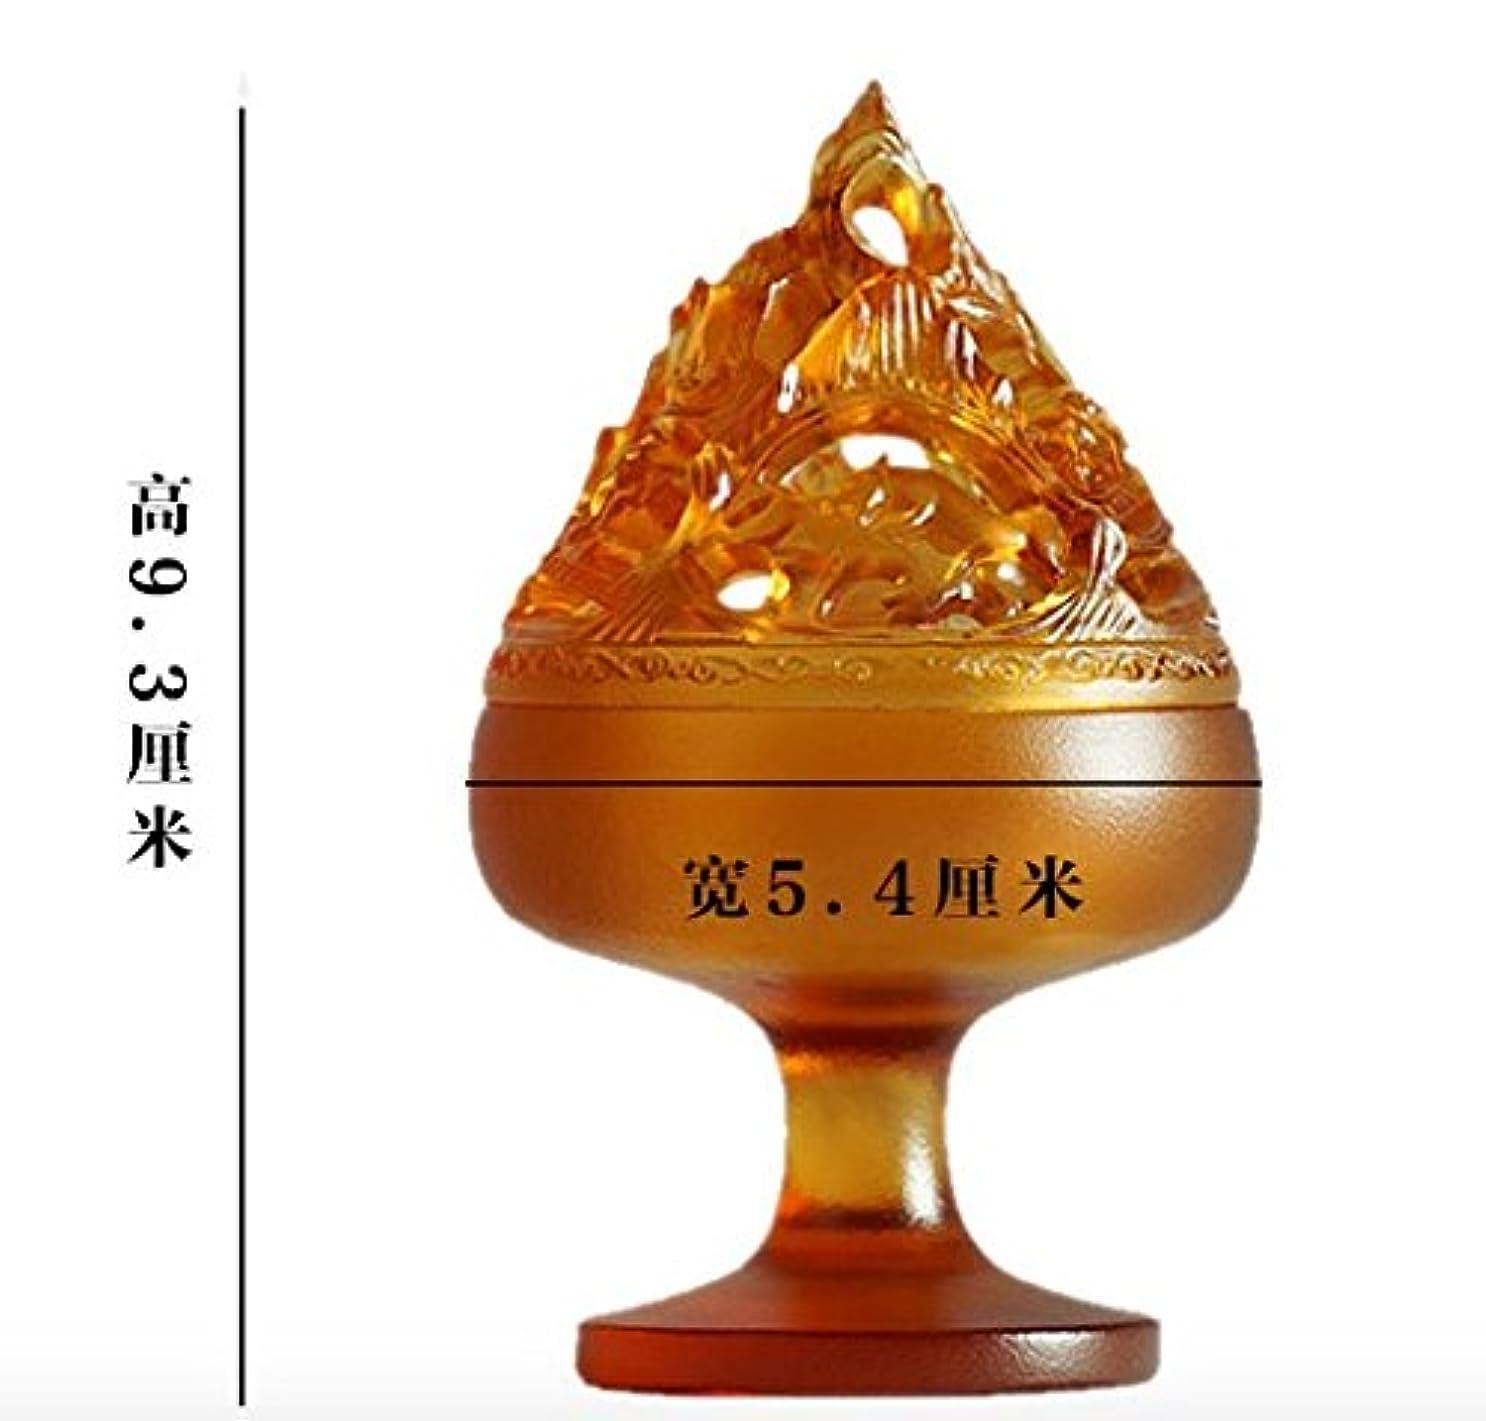 注意狭い改修する【Lenni】仿古博山炉 香道 博物館模倣 瑠璃アロマ香炉 沉香熏香炉